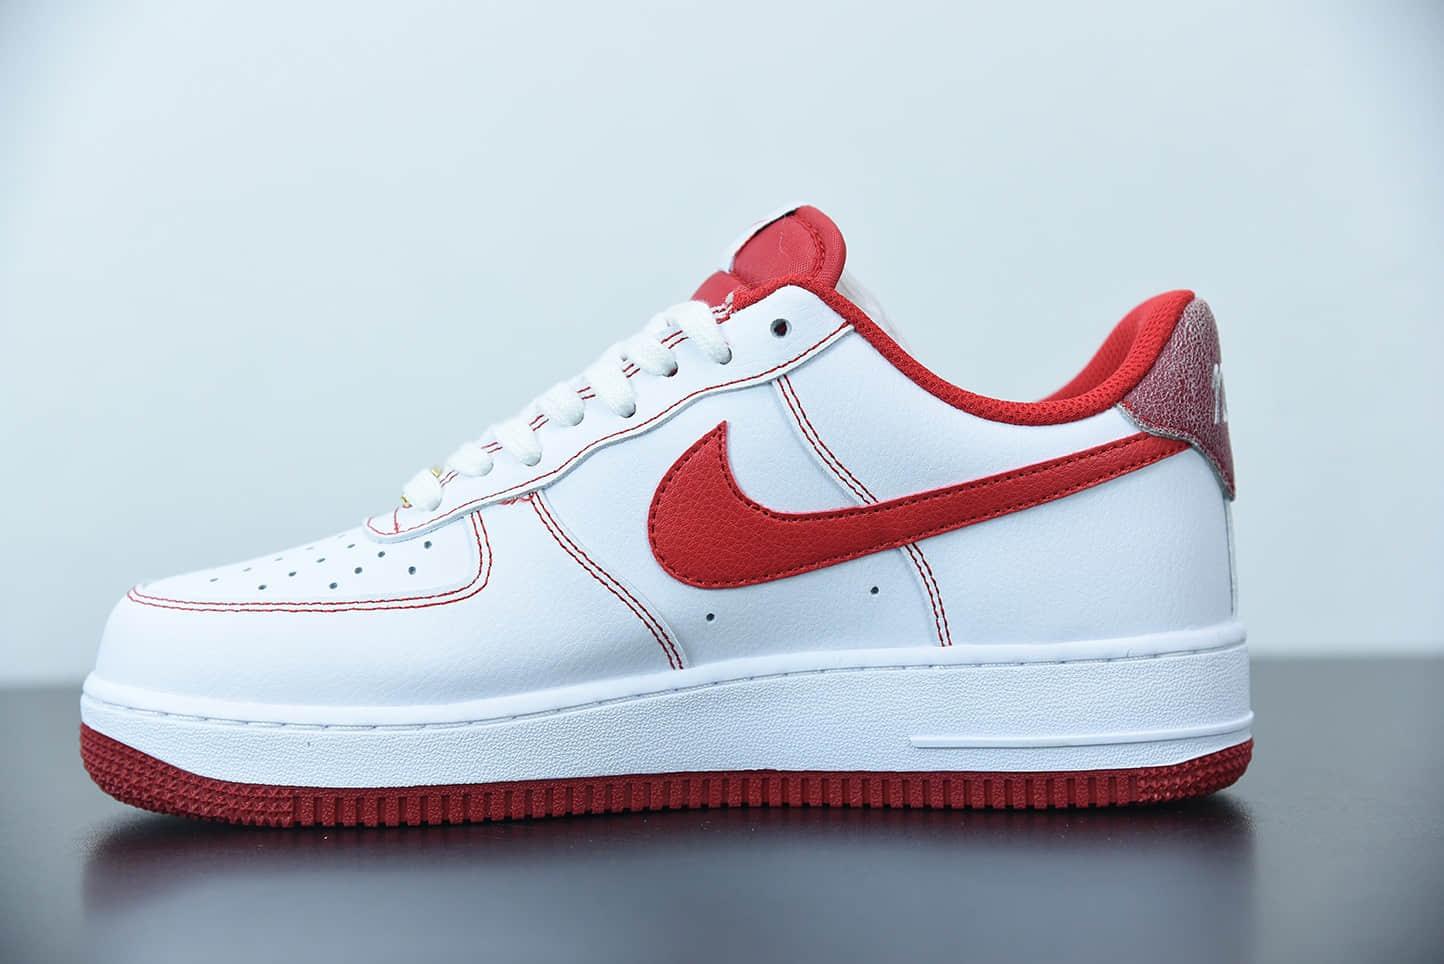 耐克 NIKE AIR FORCE 1'07 白红缝线空军一号低帮休闲板鞋纯原版本 货号:DA8478-101